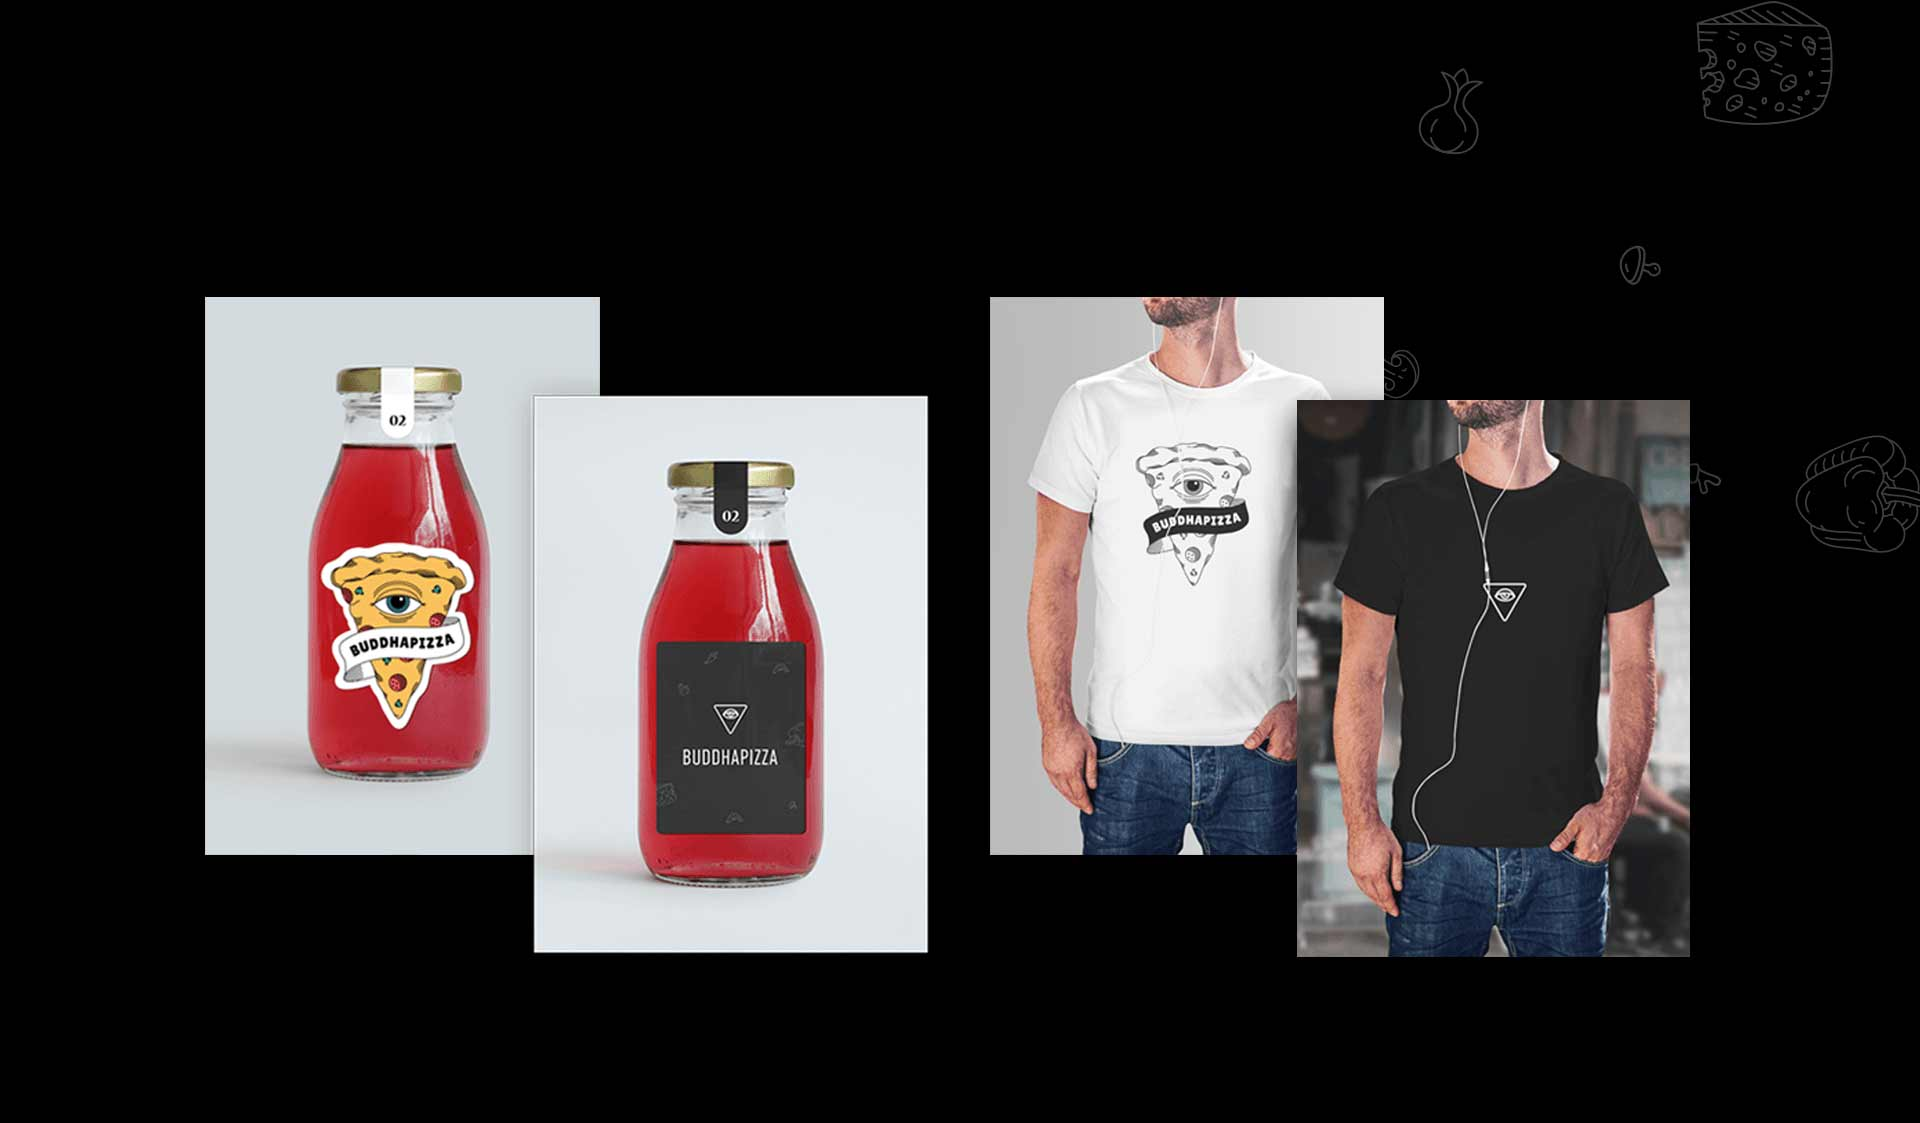 Дизайн упаковки товаров, дизайн упаковки соков и морсов